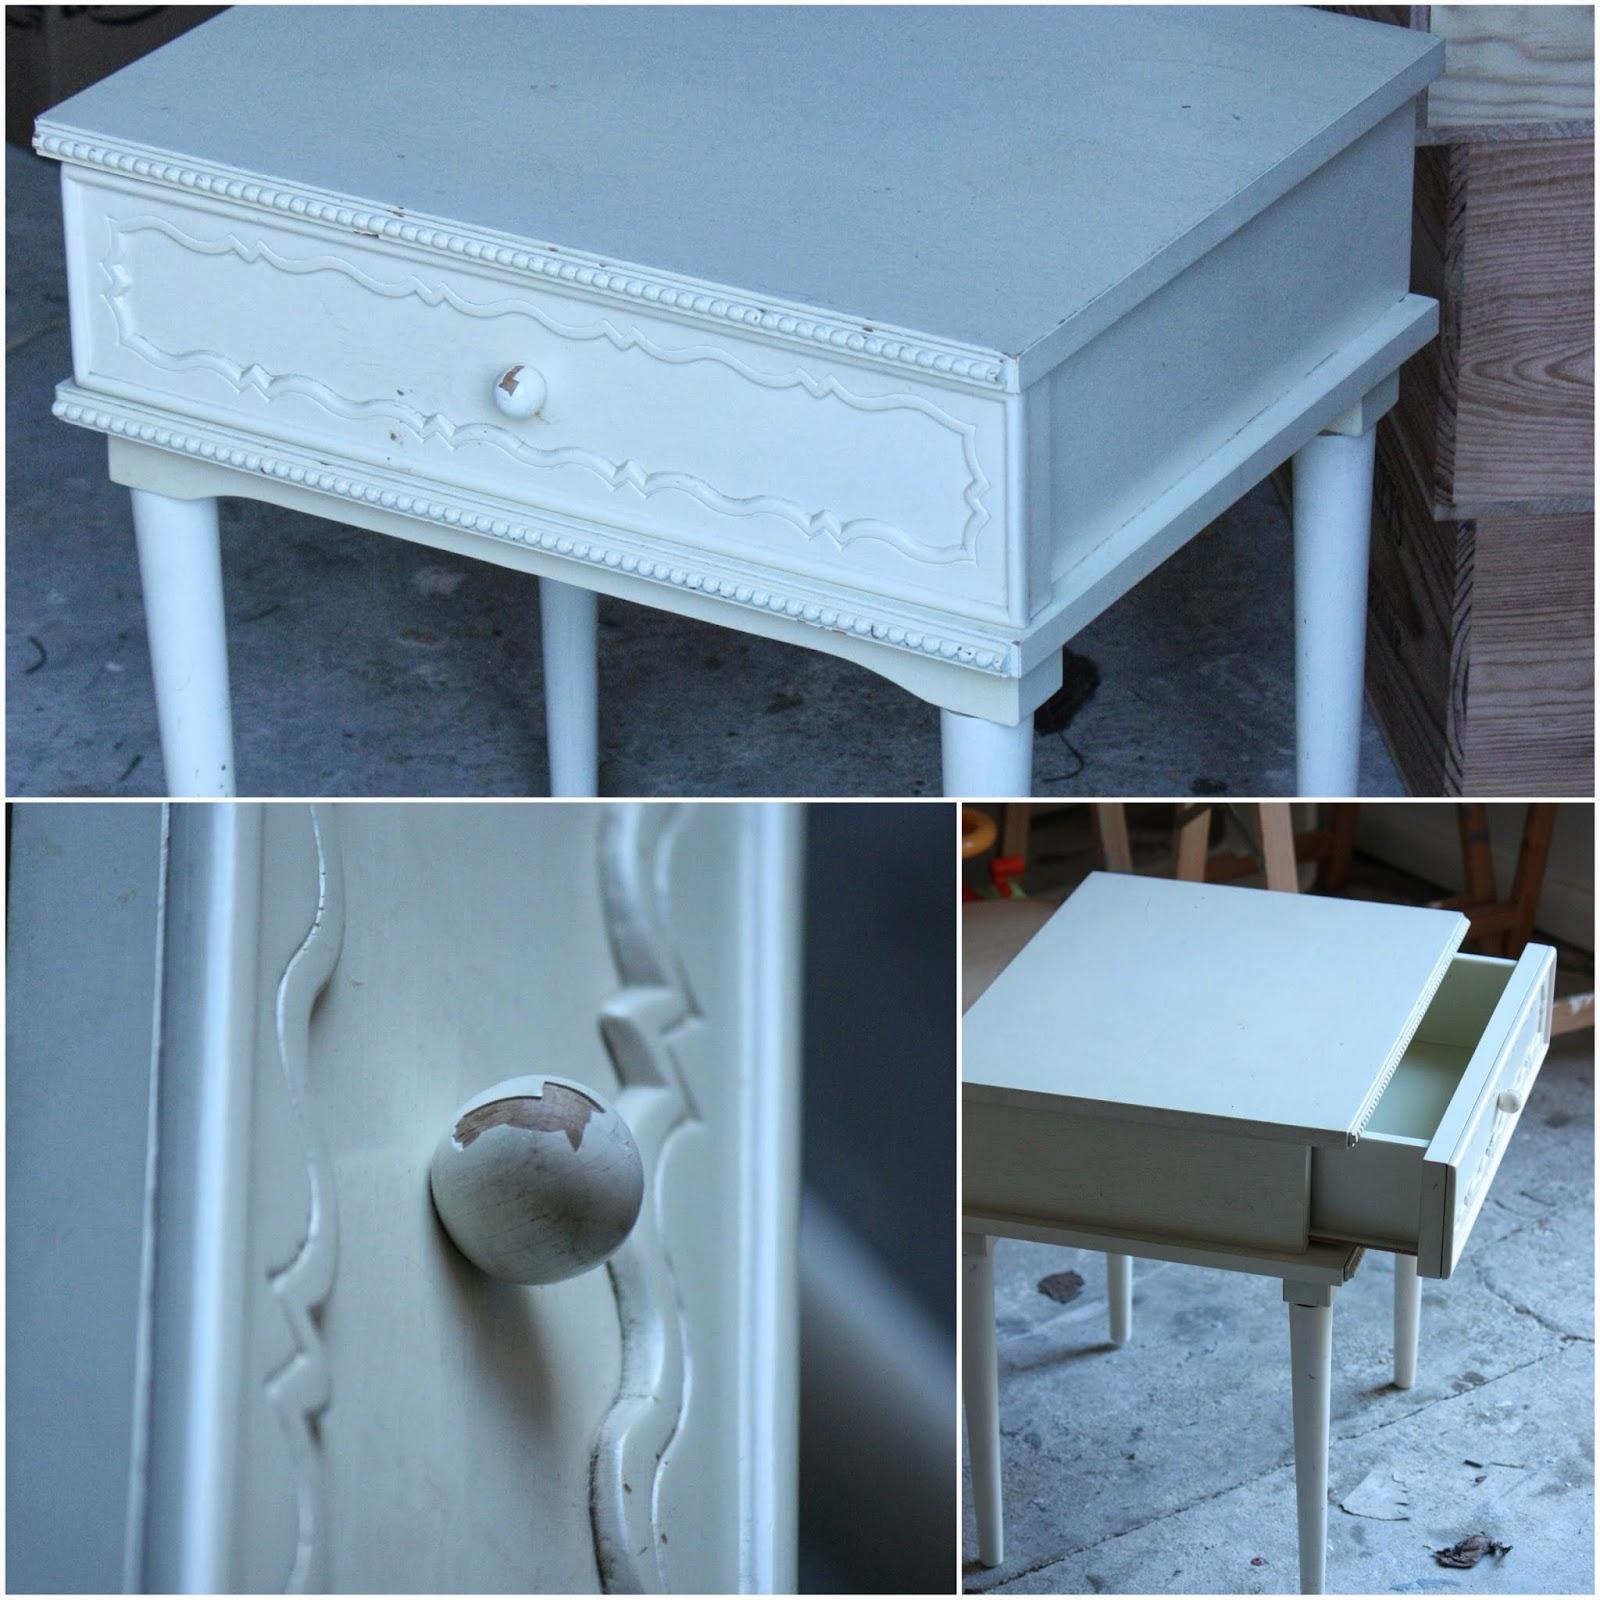 Un nouveau regard relooking de vieux meubles avec les peintures cr atives ma - Nouveau peinture maison ...